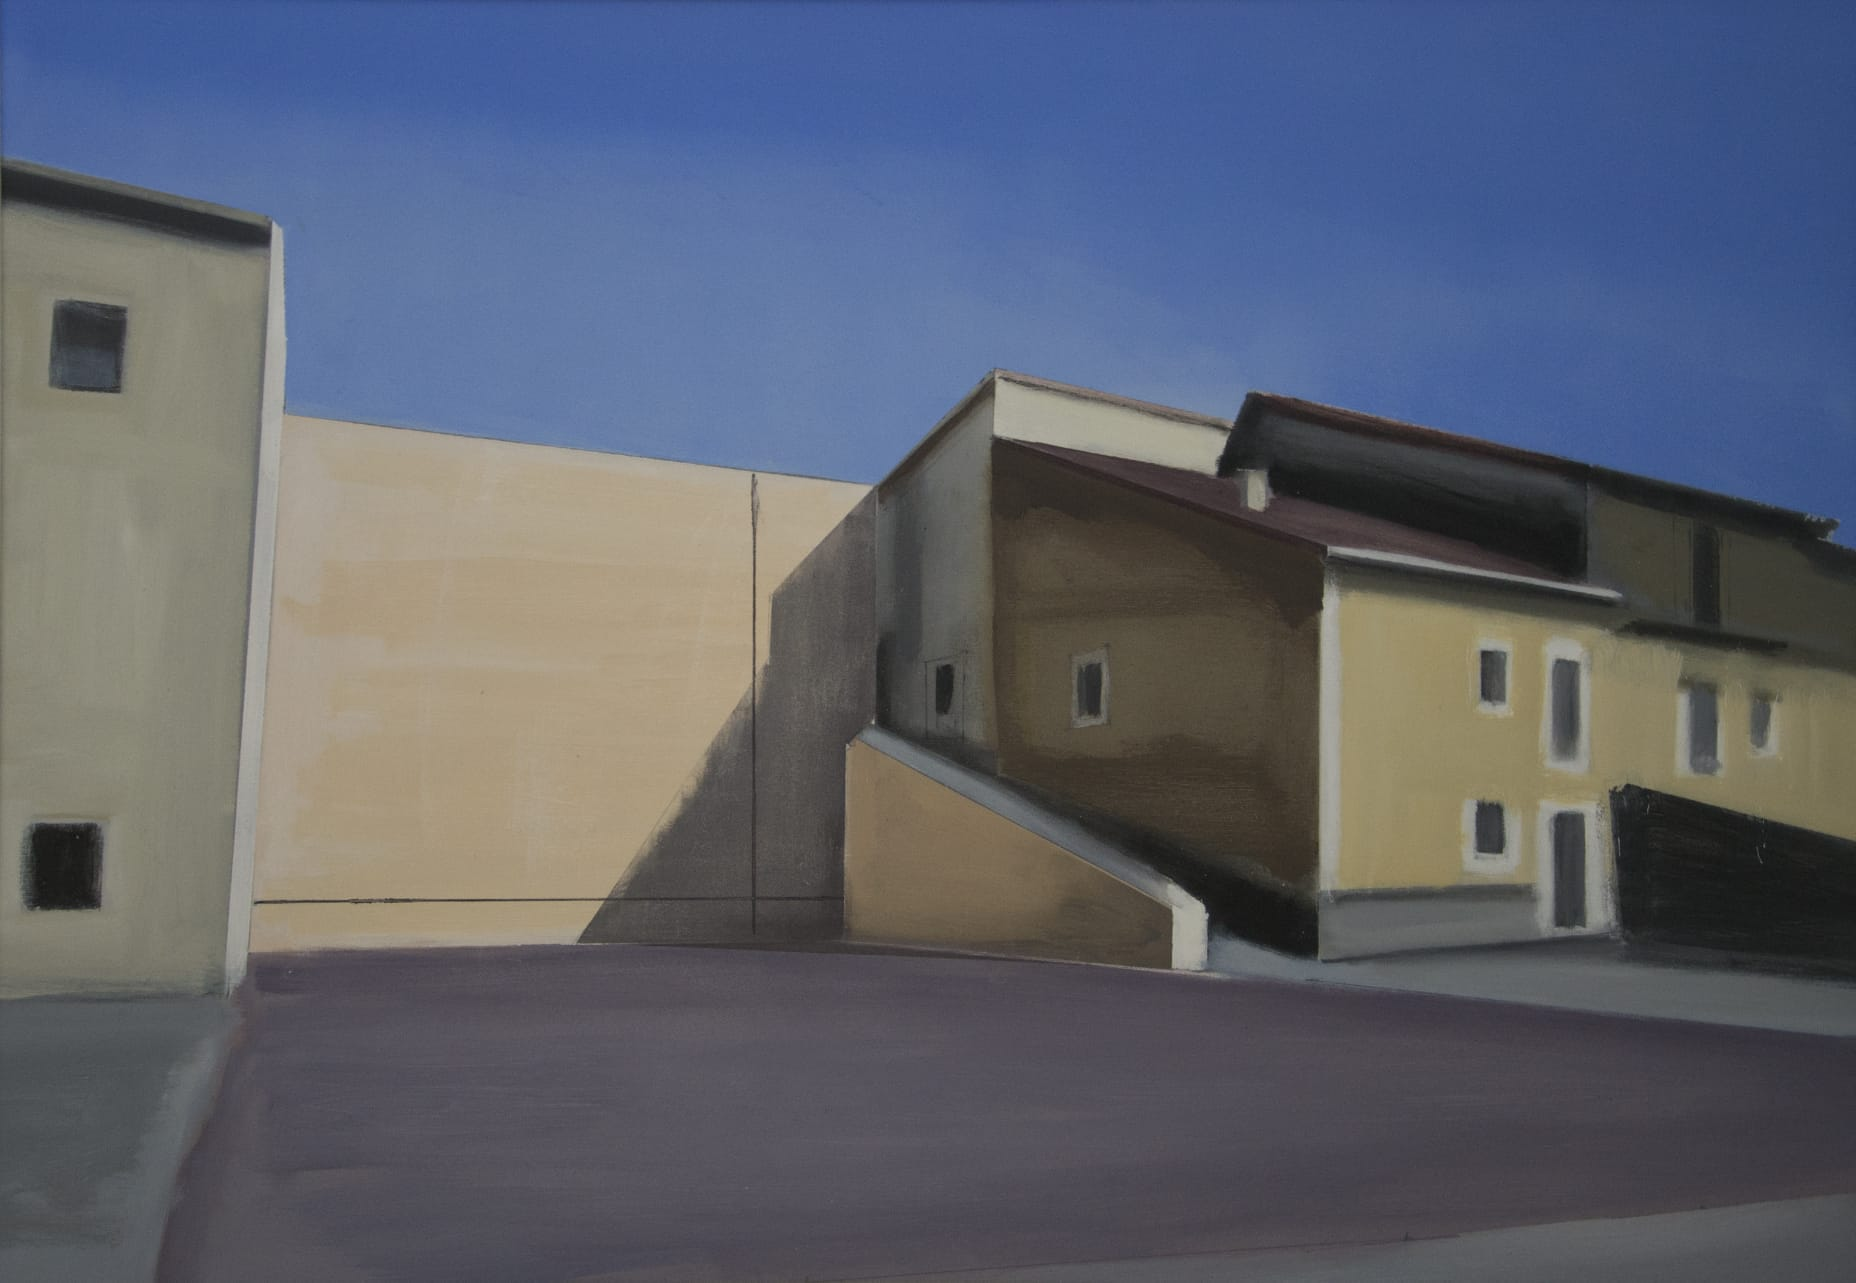 Frontón II. Óleo sobre lienzo. 70x120 cm.